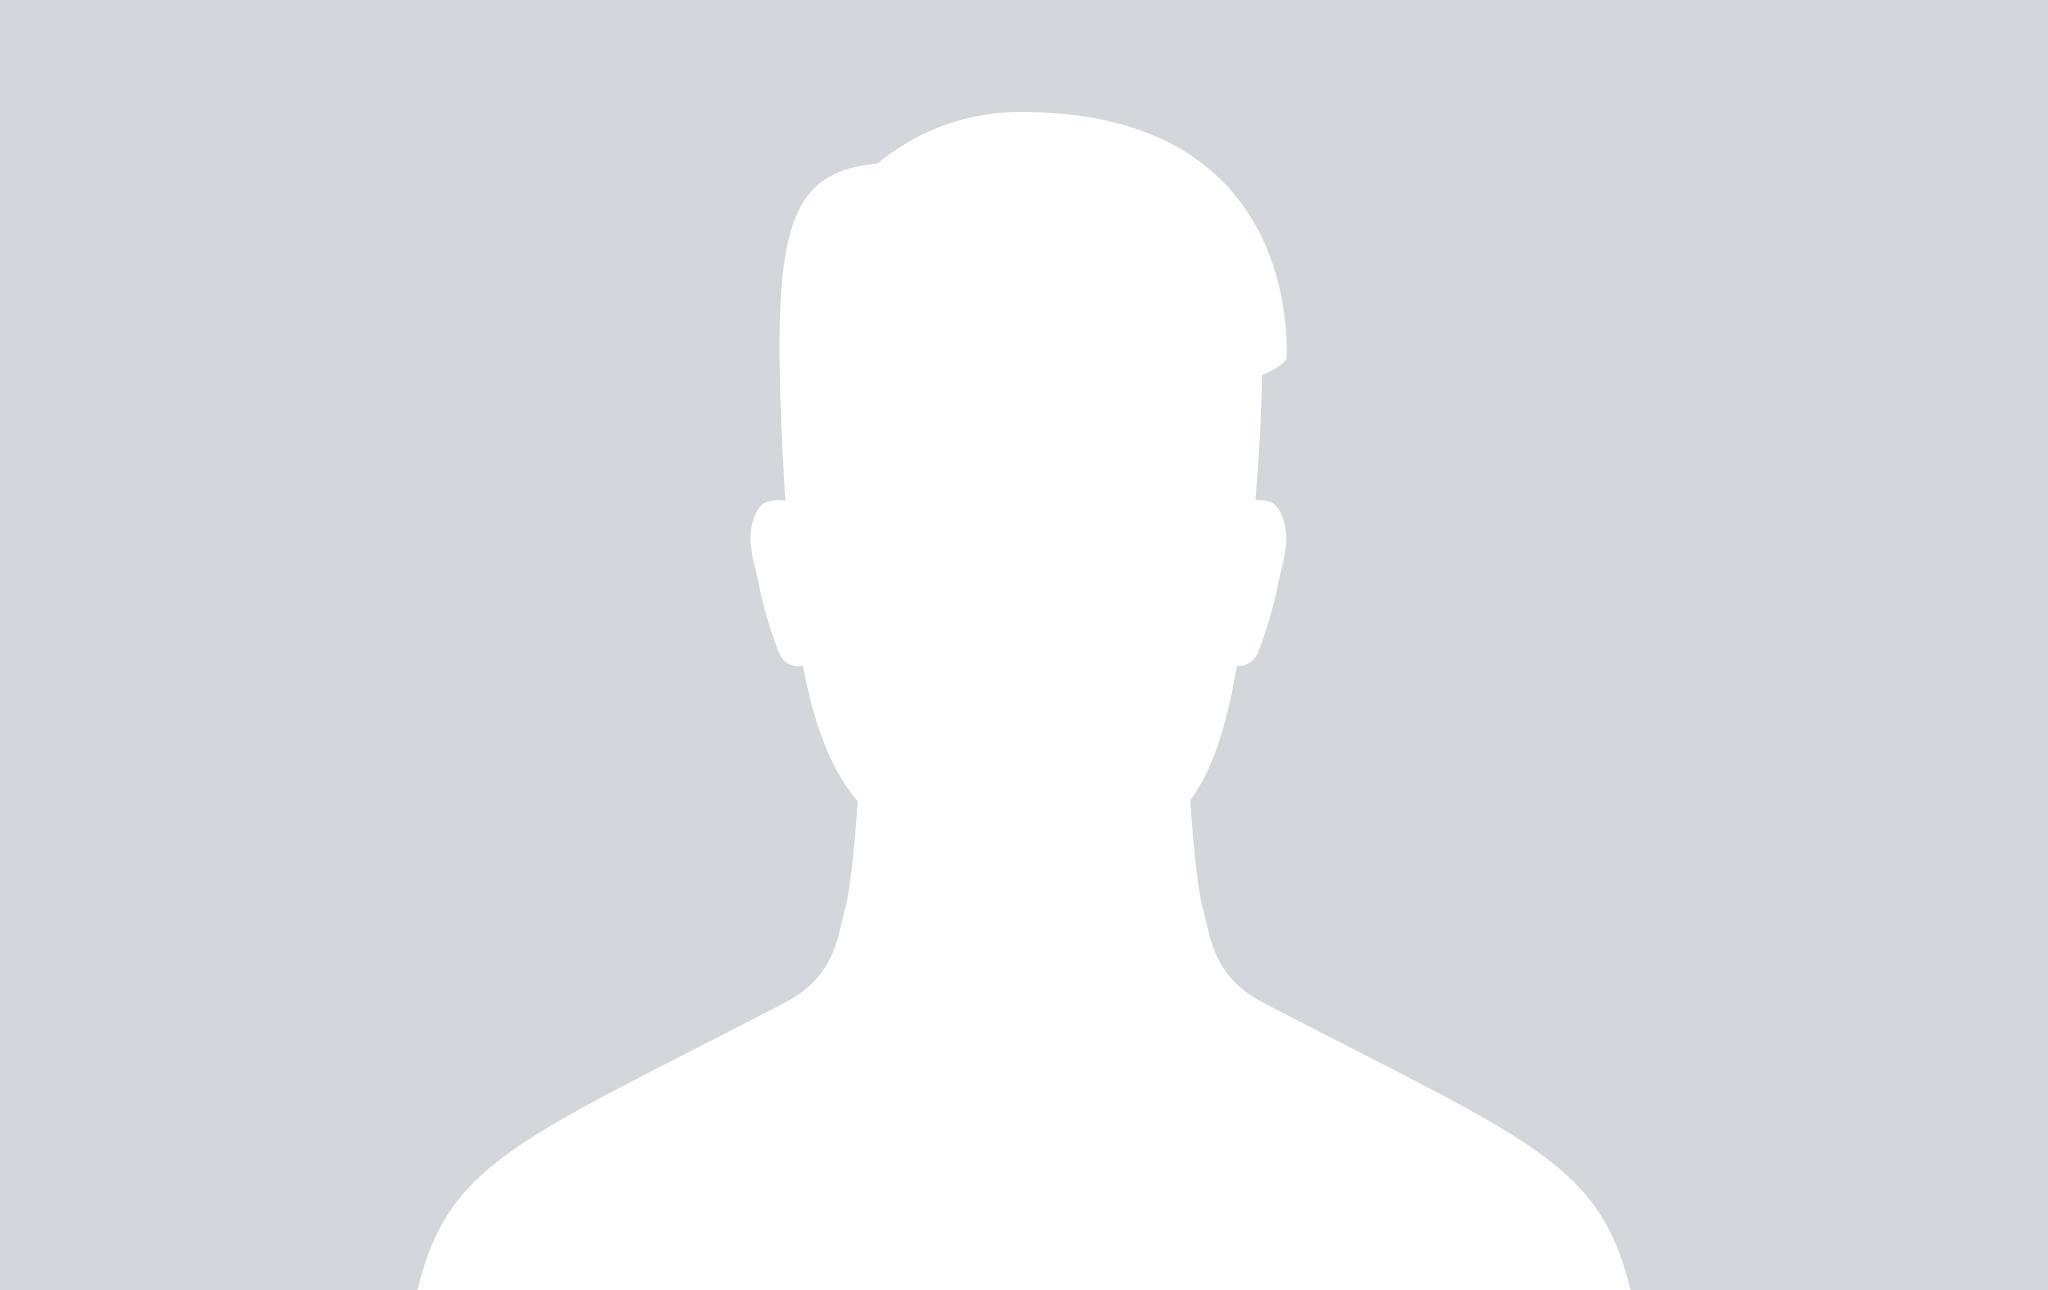 https://d2yht872mhrlra.cloudfront.net/user/129464/user_129464.jpg